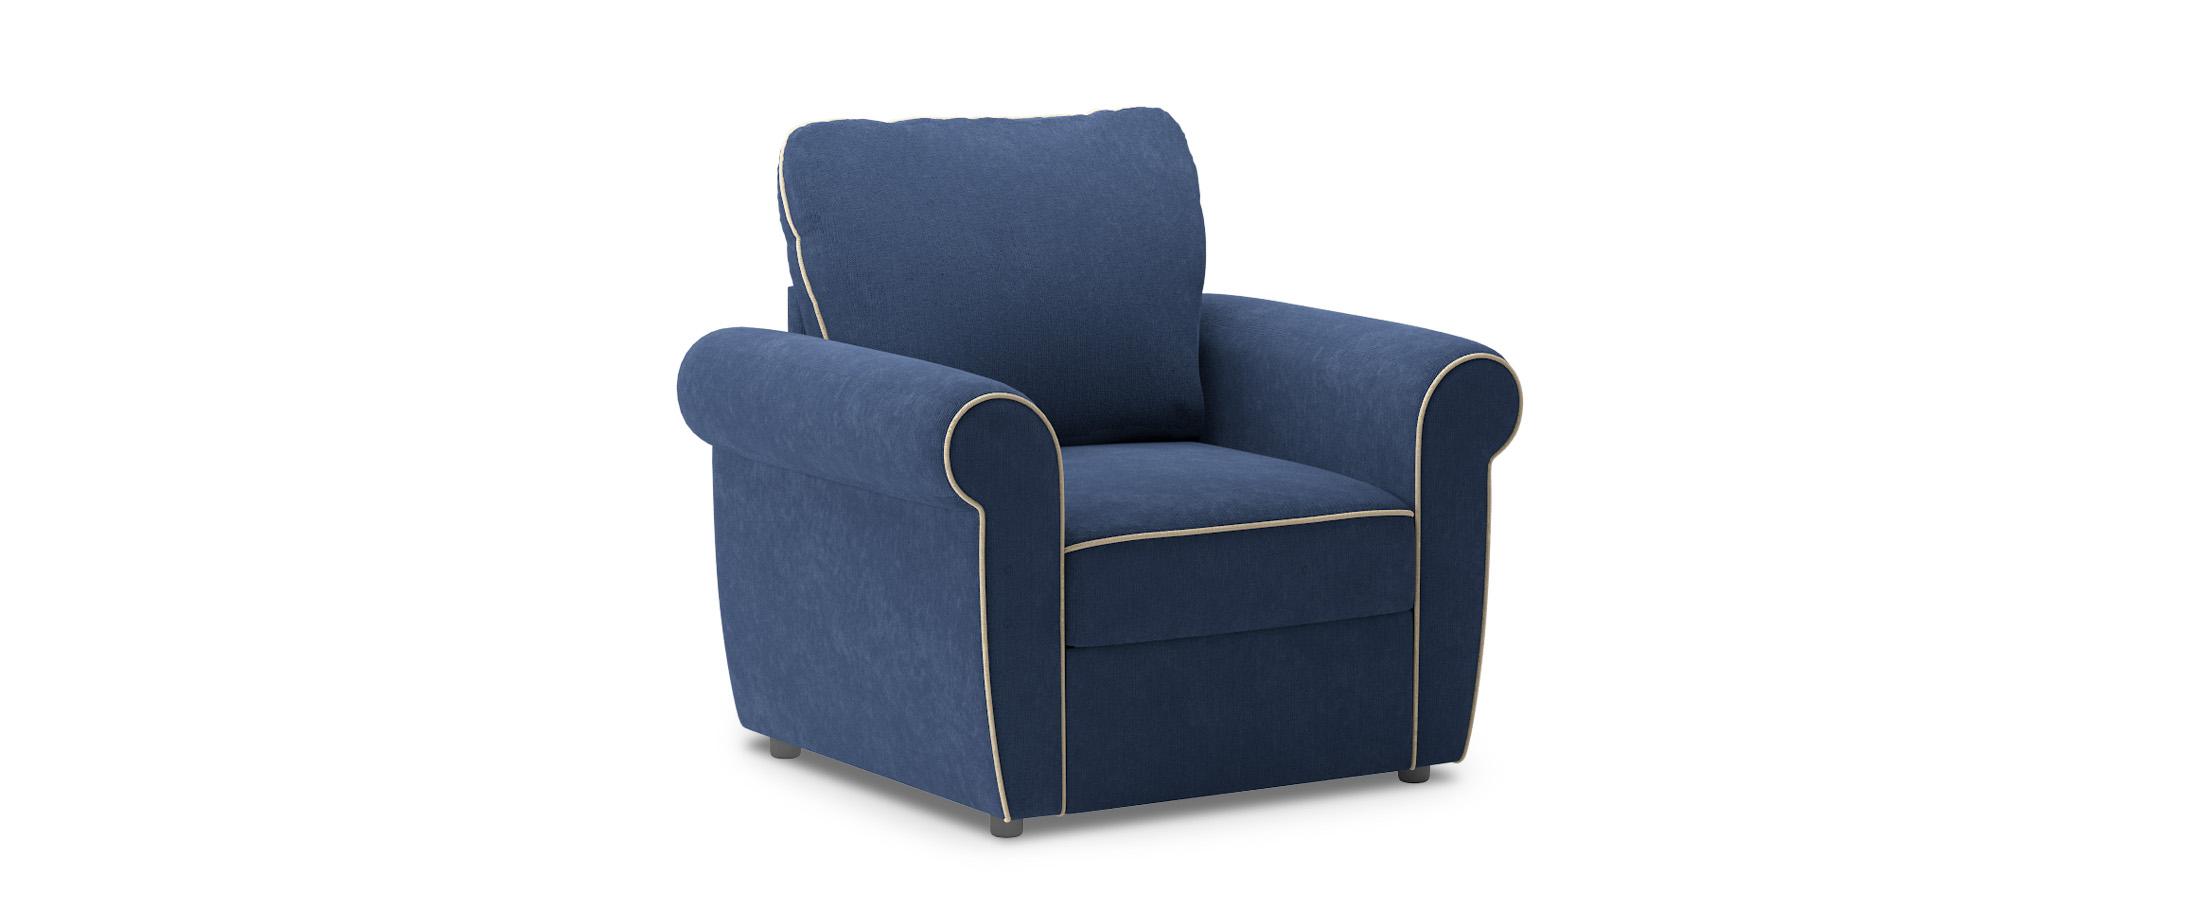 Кресло тканевое Гамбург 123Купить синее кресло Гамбург 123. Доставка от 1 дня. Подъём, сборка, вынос упаковки. Гарантия 18 месяцев. Интернет-магазин мебели MOON-TRADE.RU.